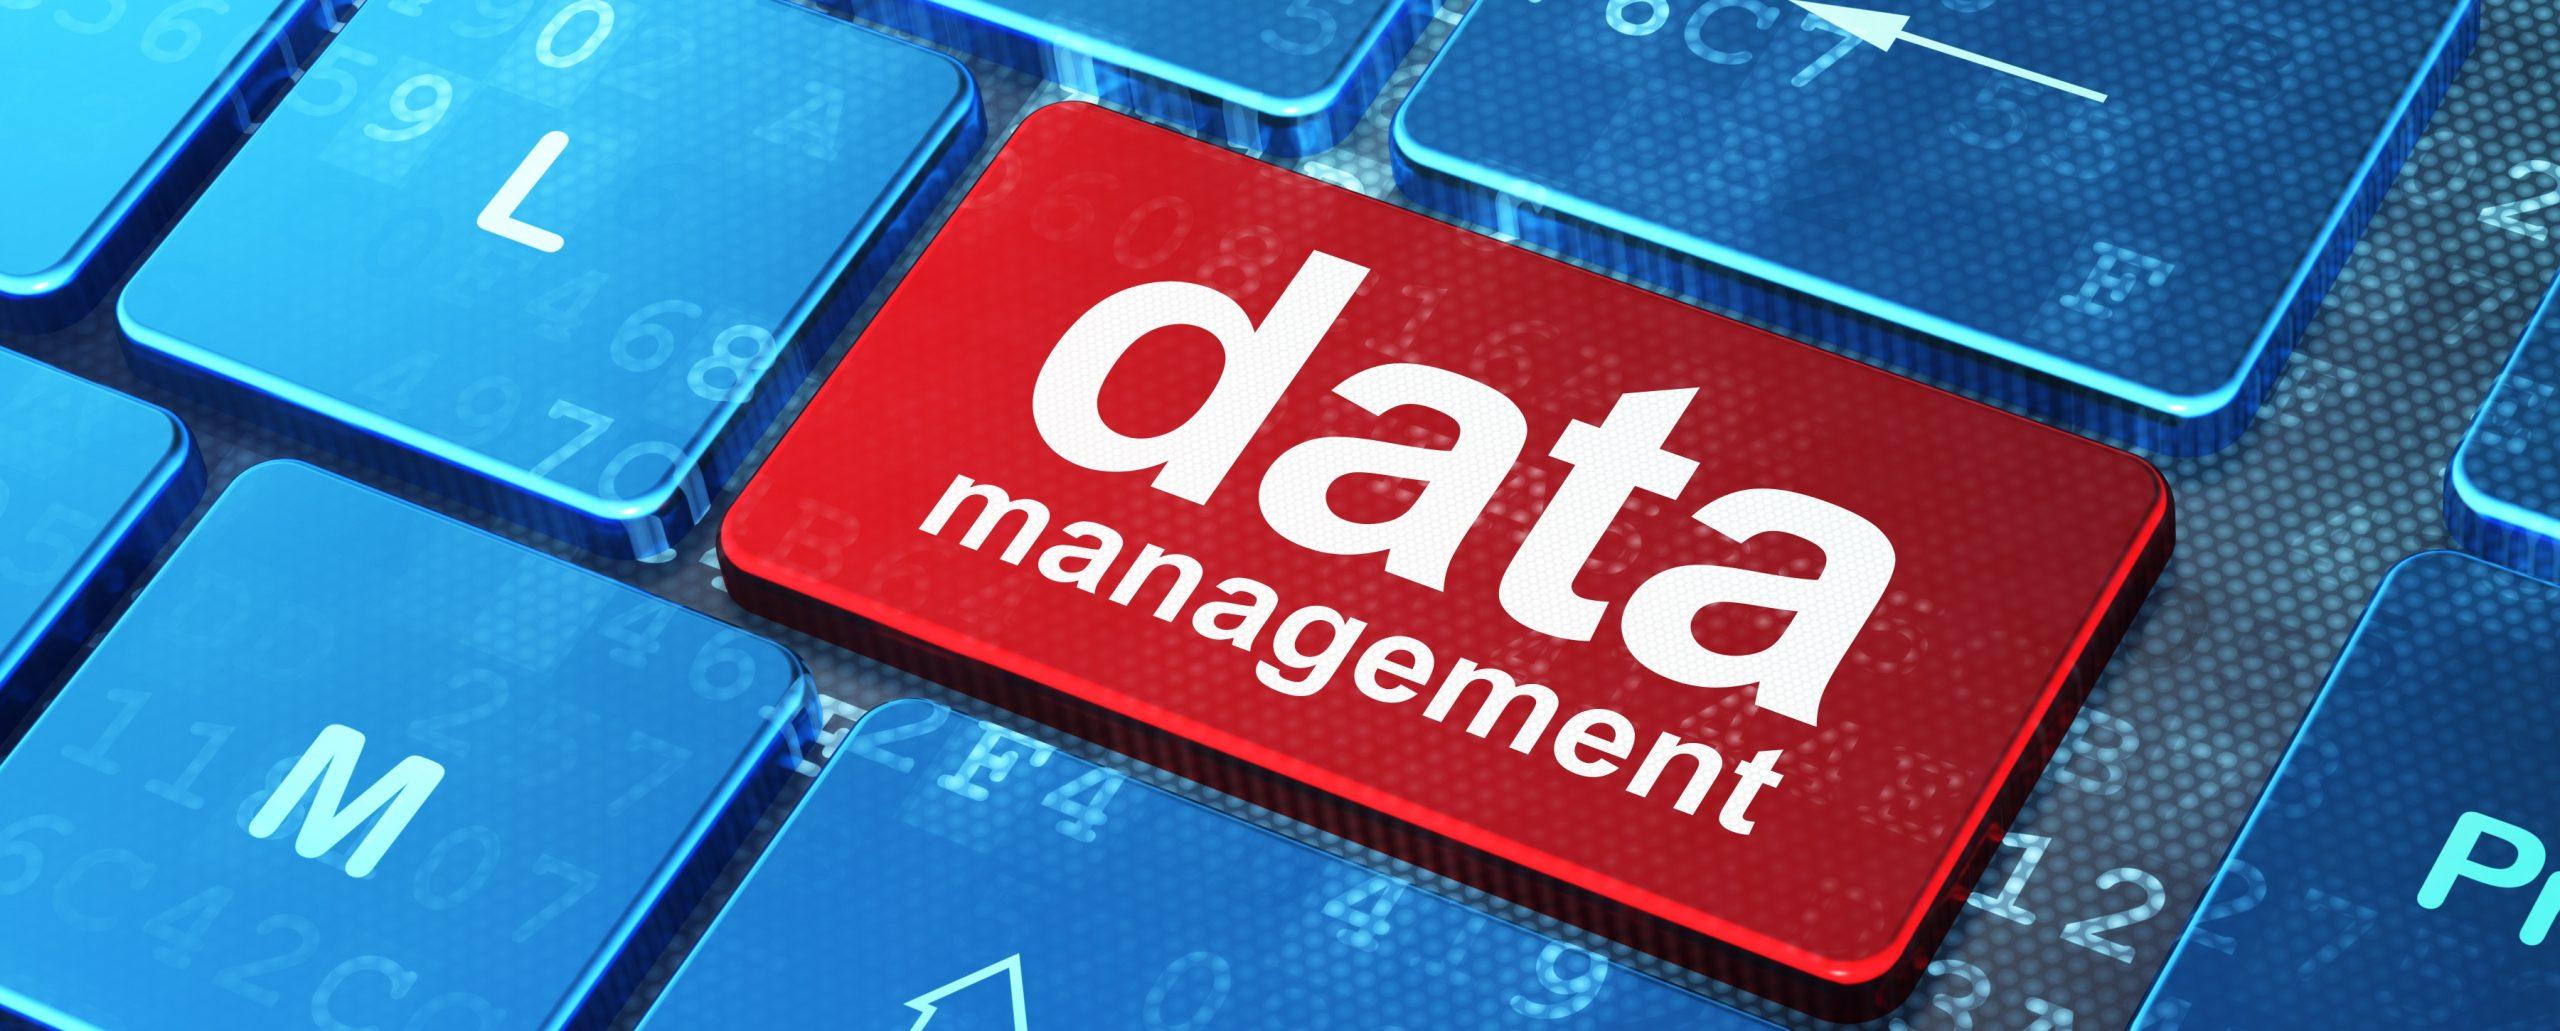 managing-data